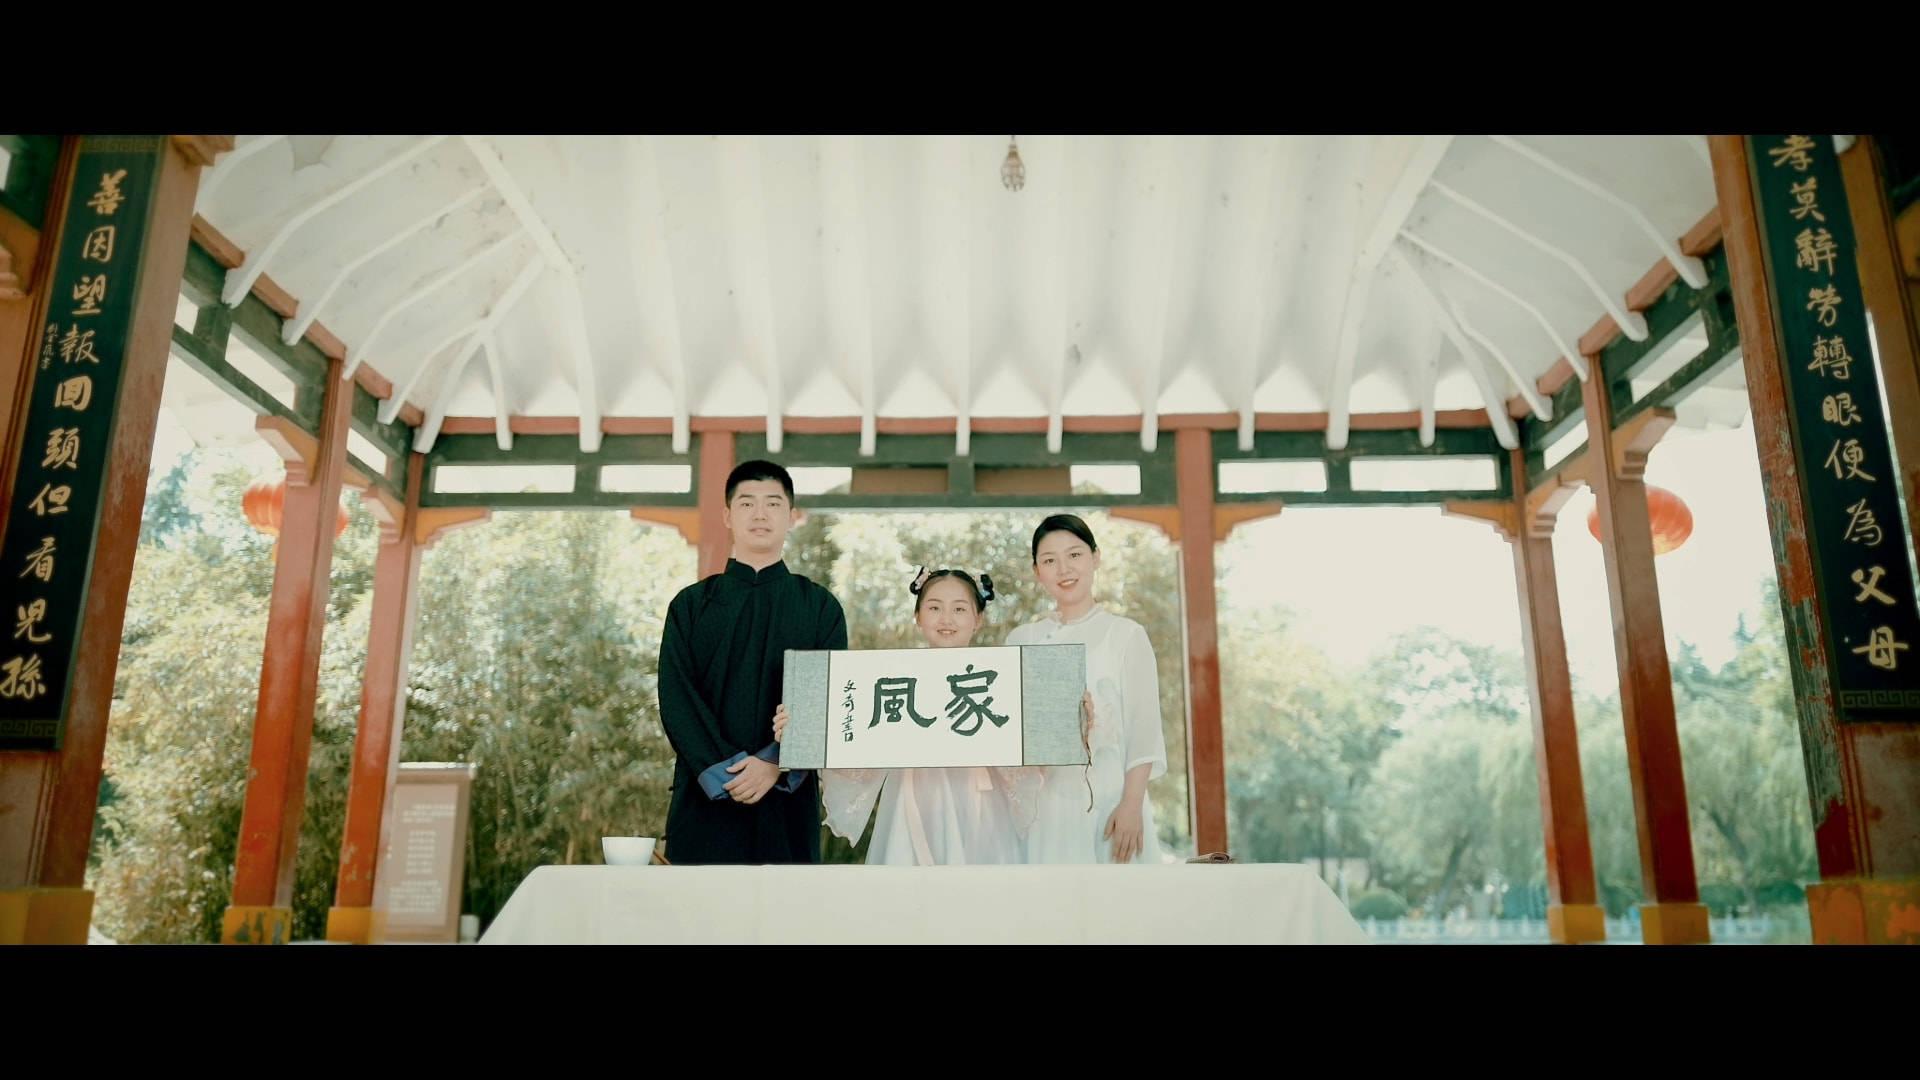 中华传统美 童声传孝道 霍雨璇单曲《家风》正式发行